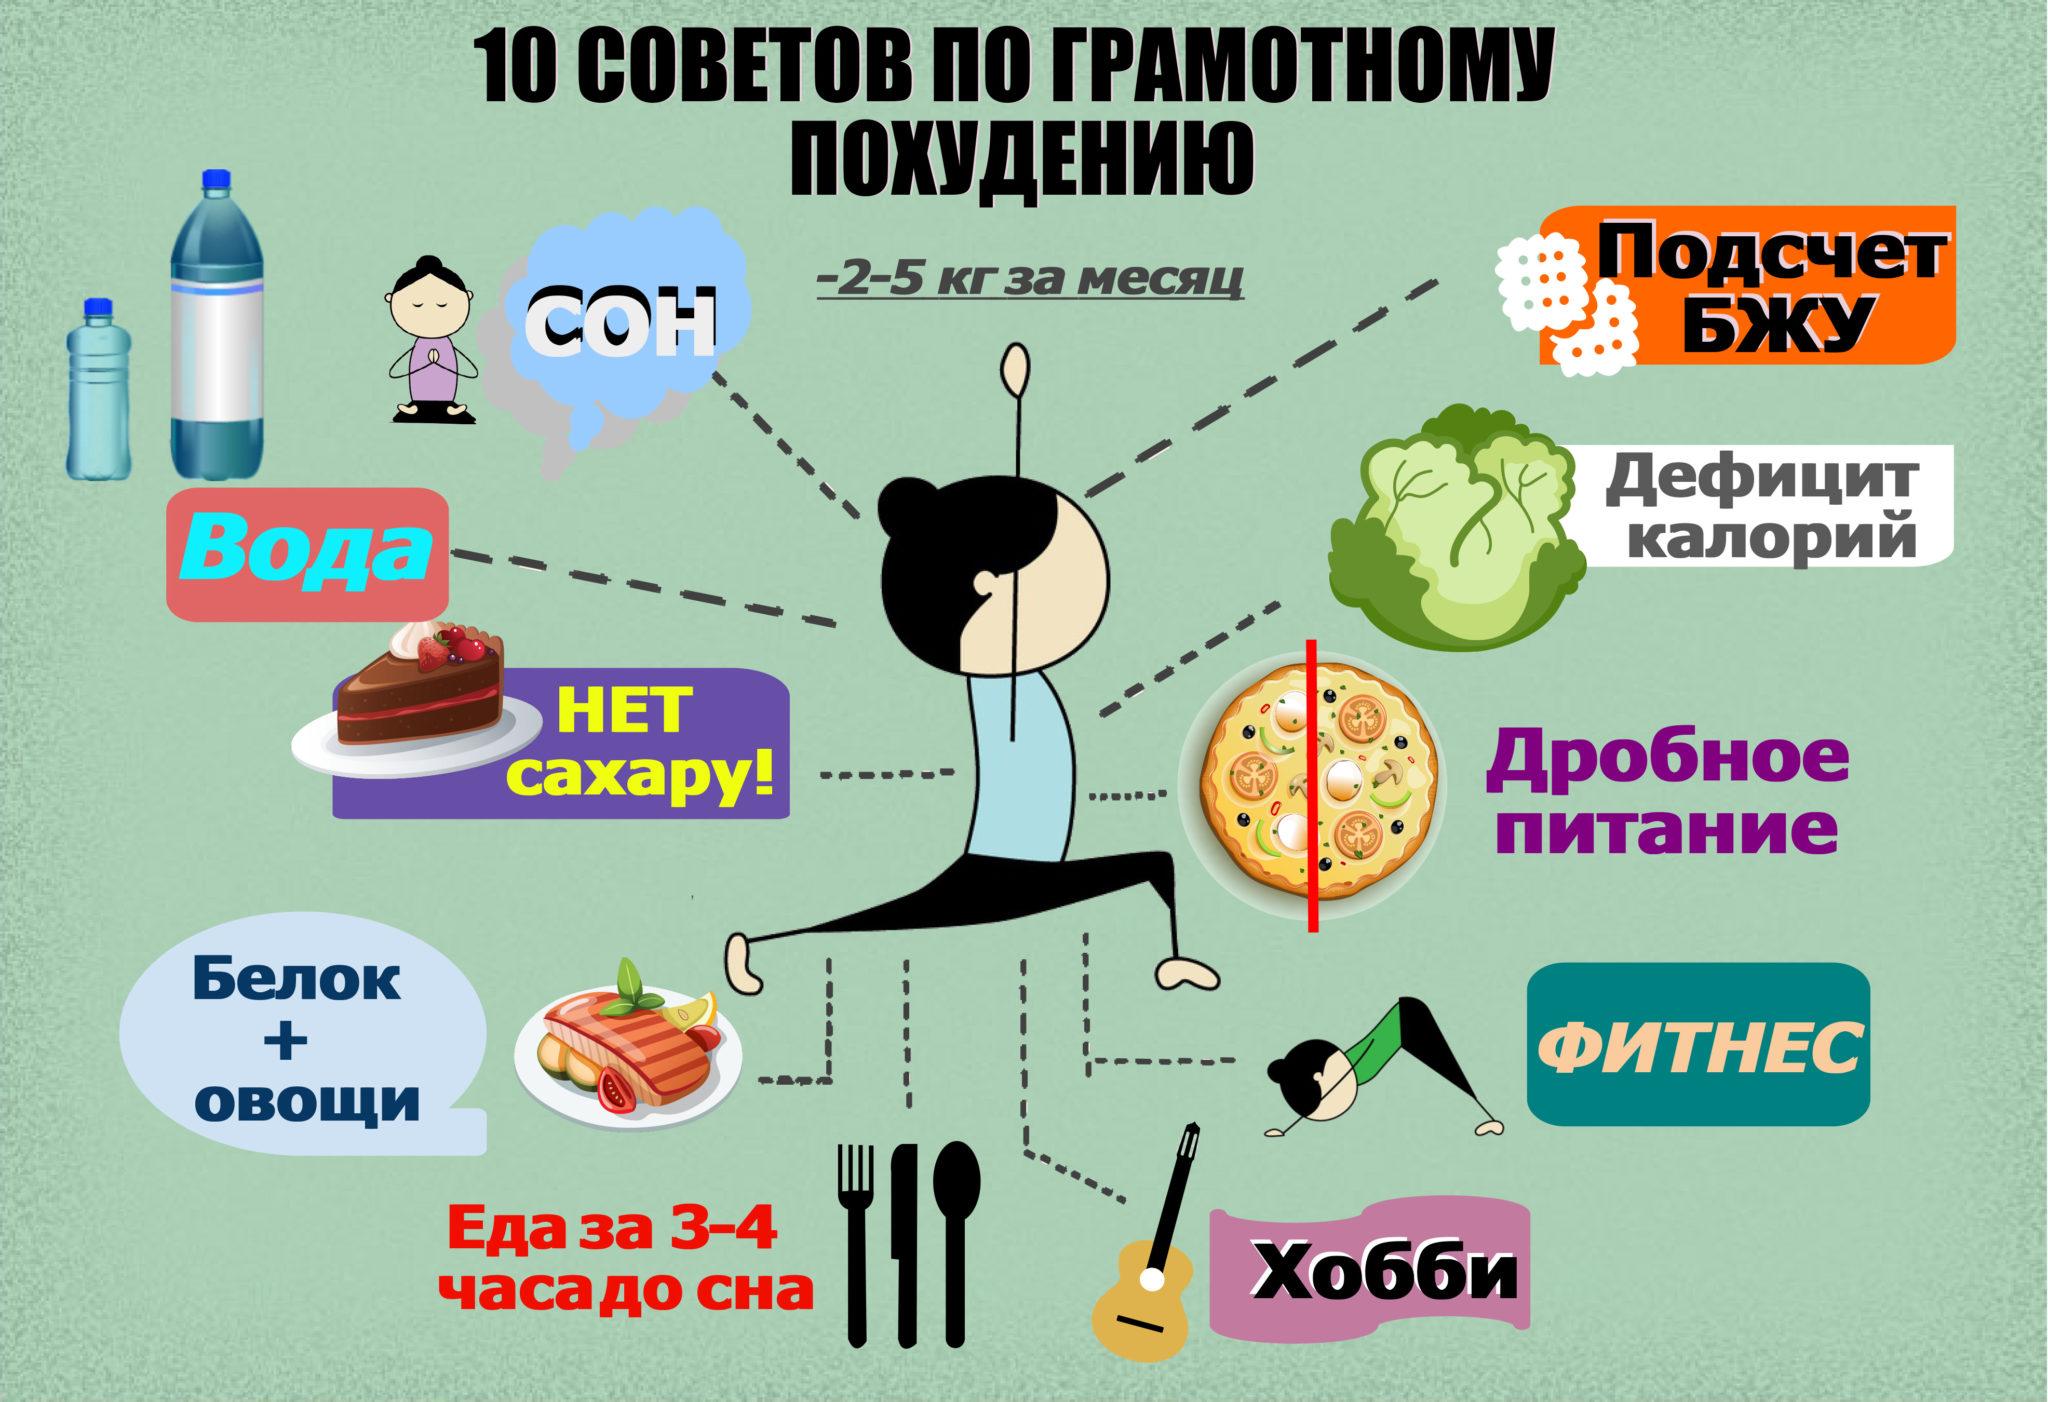 Питание чтоб похудеть и